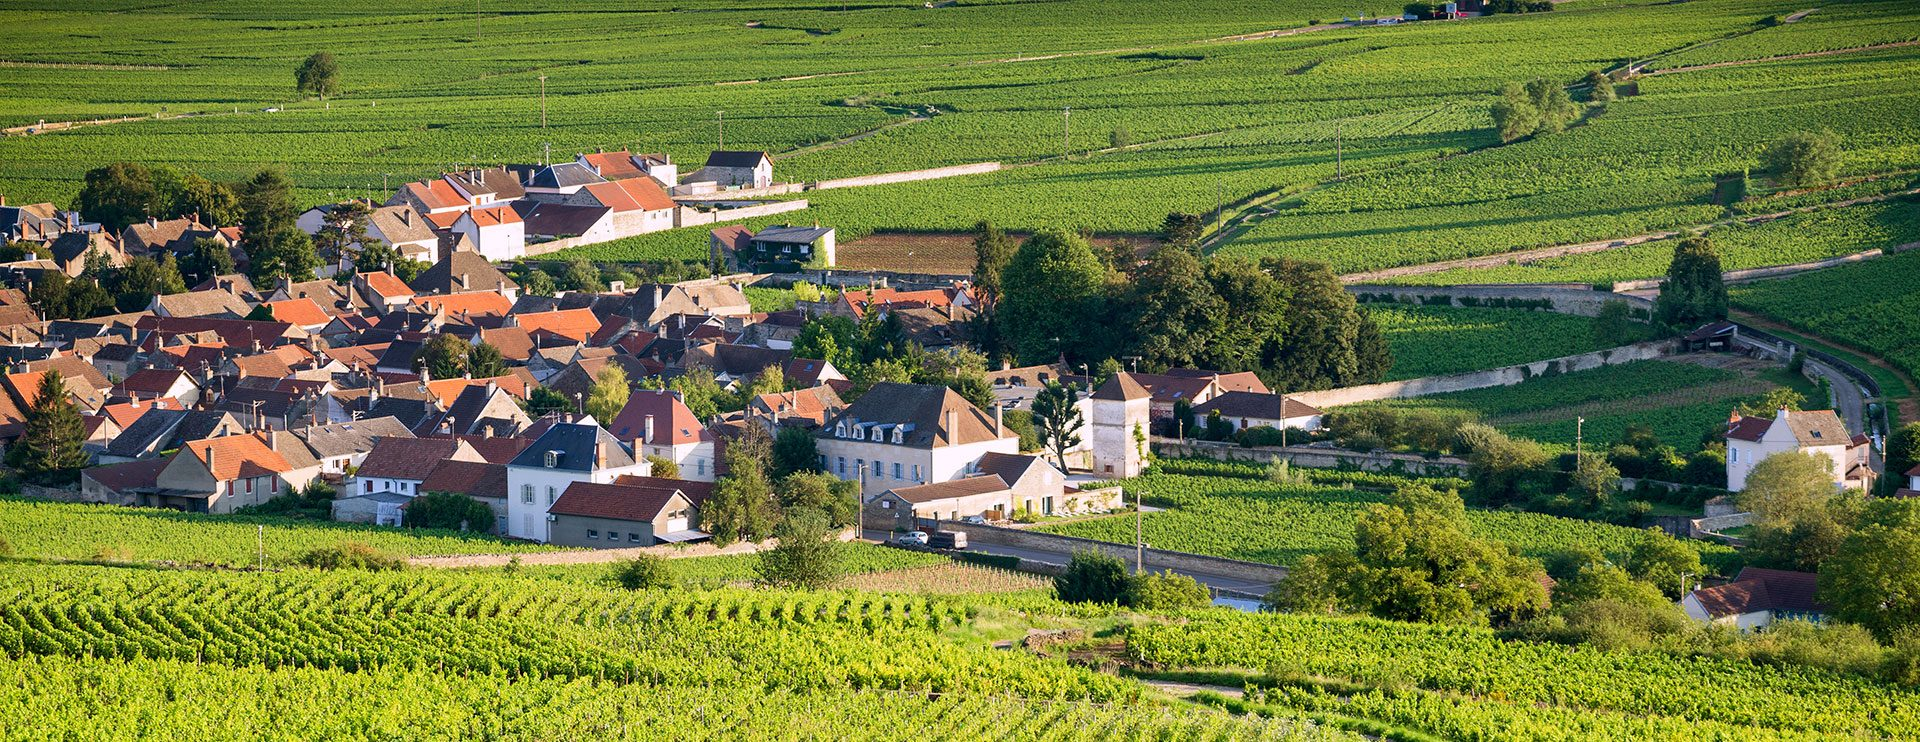 Le village de Pommard